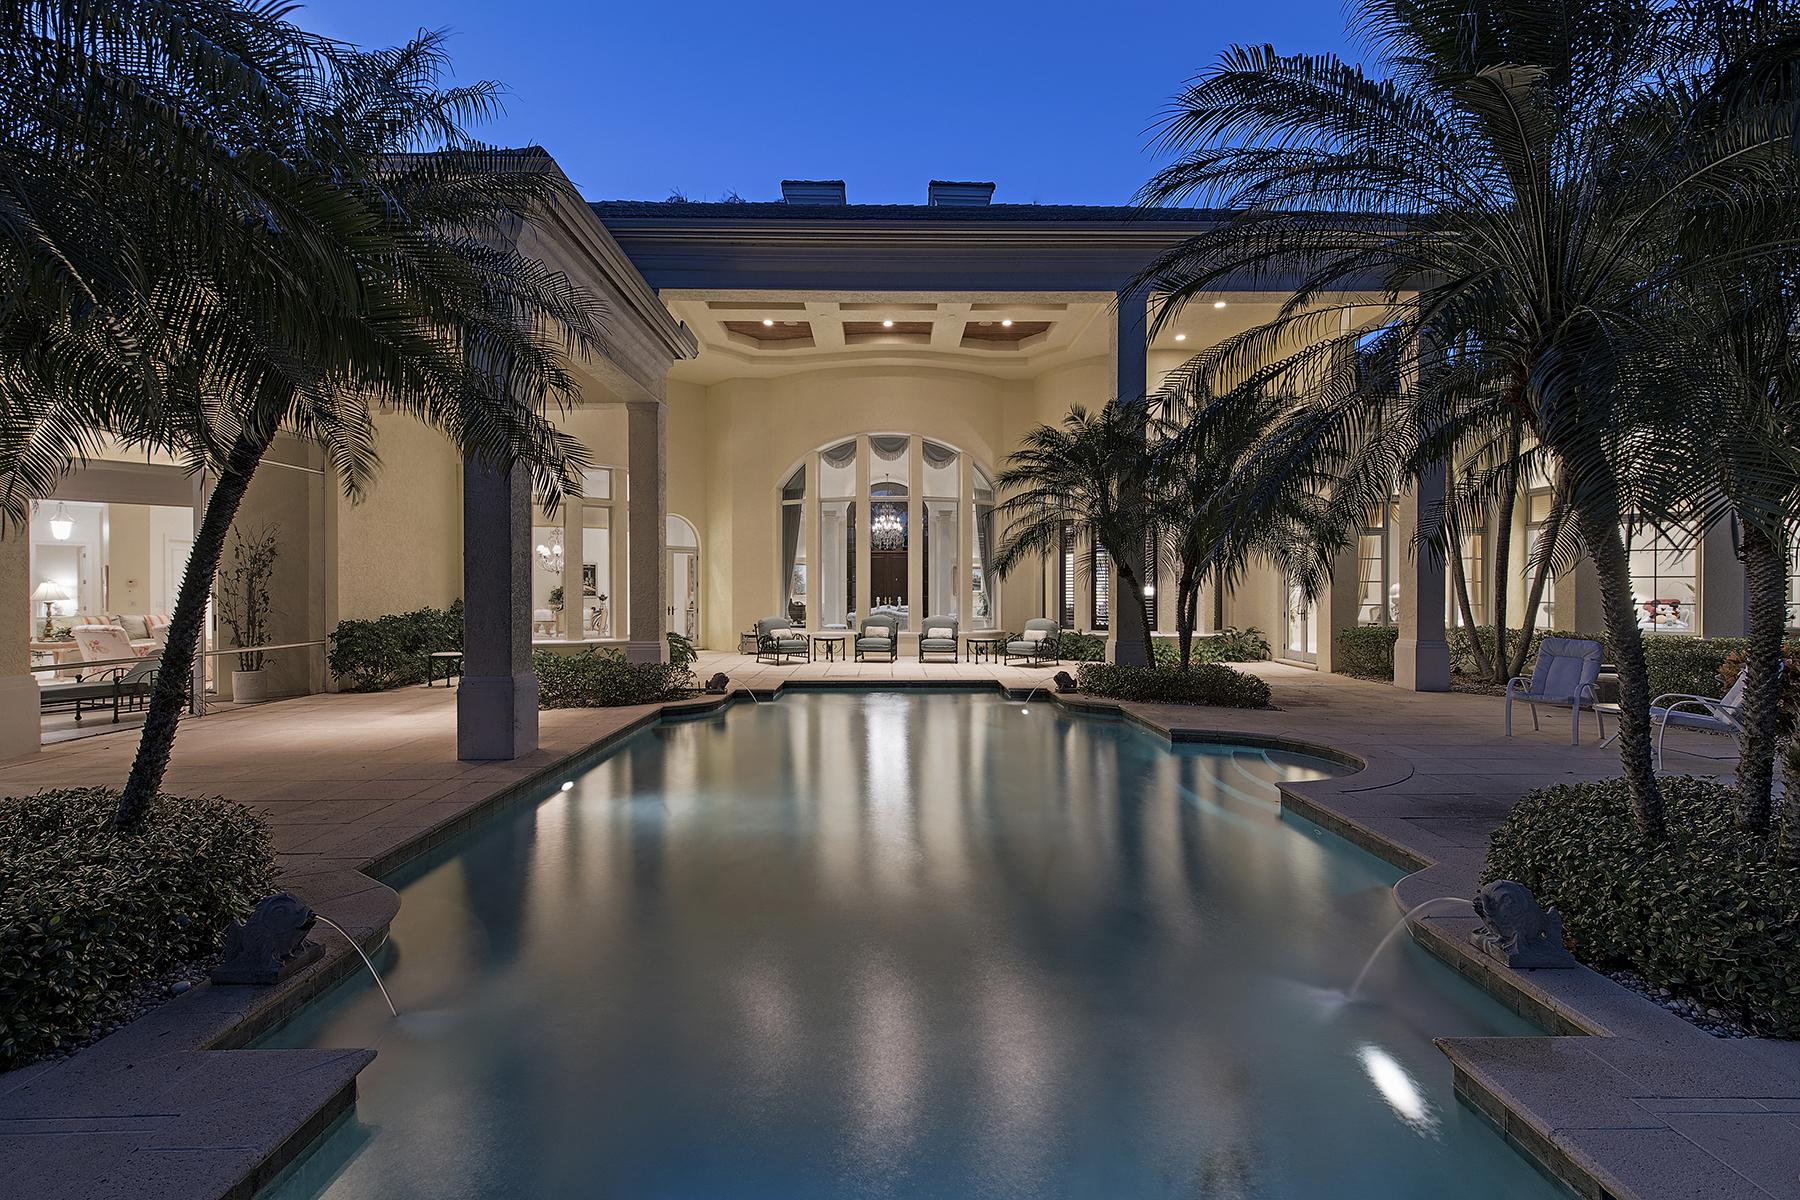 Casa Unifamiliar por un Venta en QUAIL WEST 4448 Wayside Dr Naples, Florida, 34119 Estados Unidos